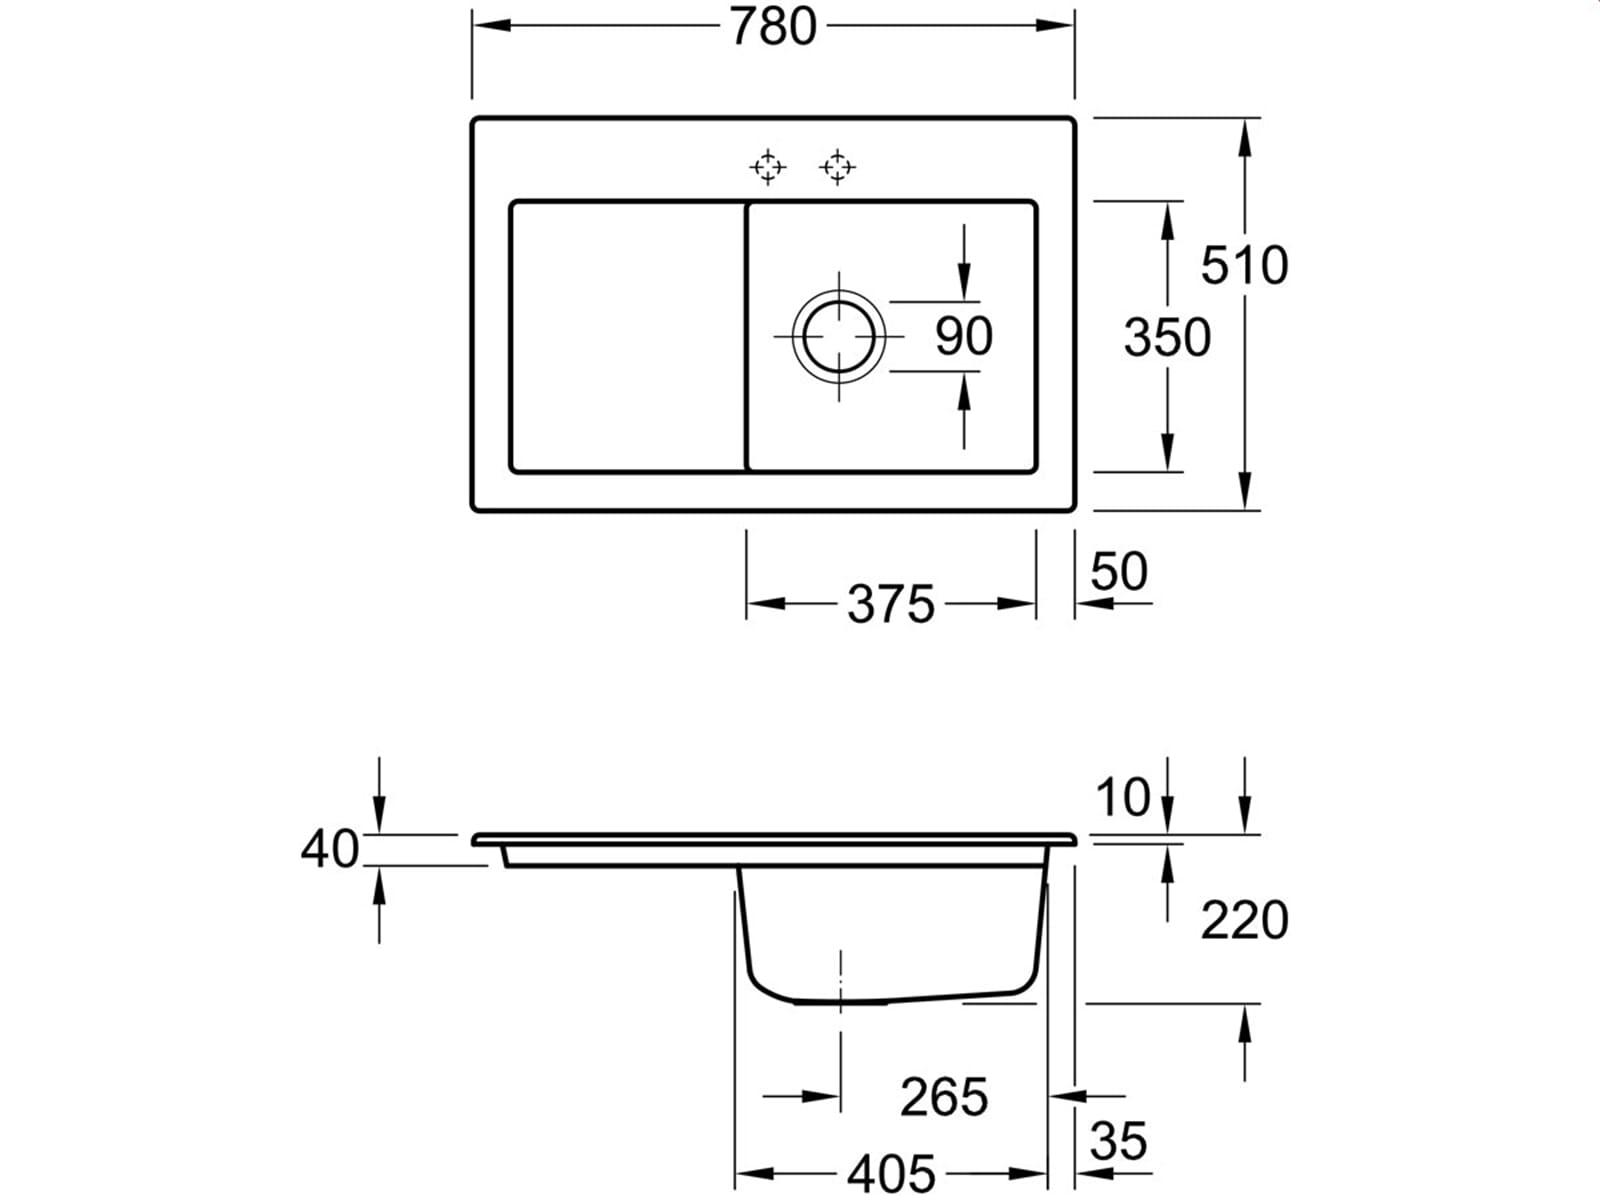 Villeroy & Boch Subway 45 Graphit - 6714 01 i4 Keramikspüle Handbetätigung